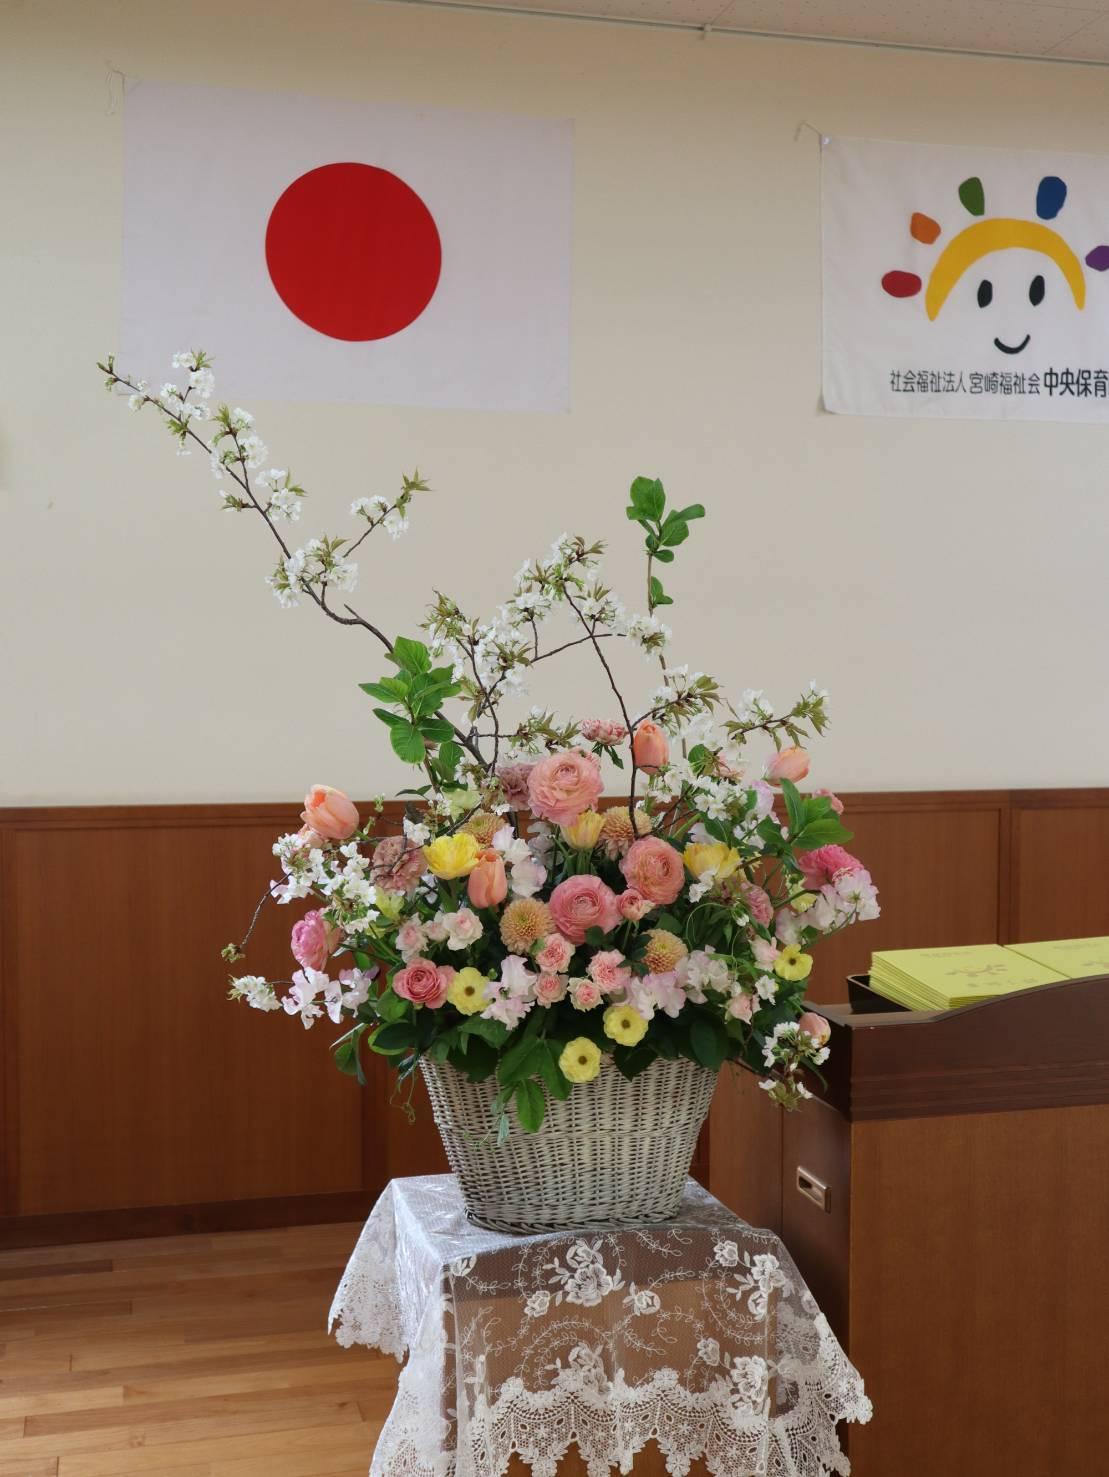 お花いっぱいの保育園の卒園式準備完了_b0137969_20185203.jpeg